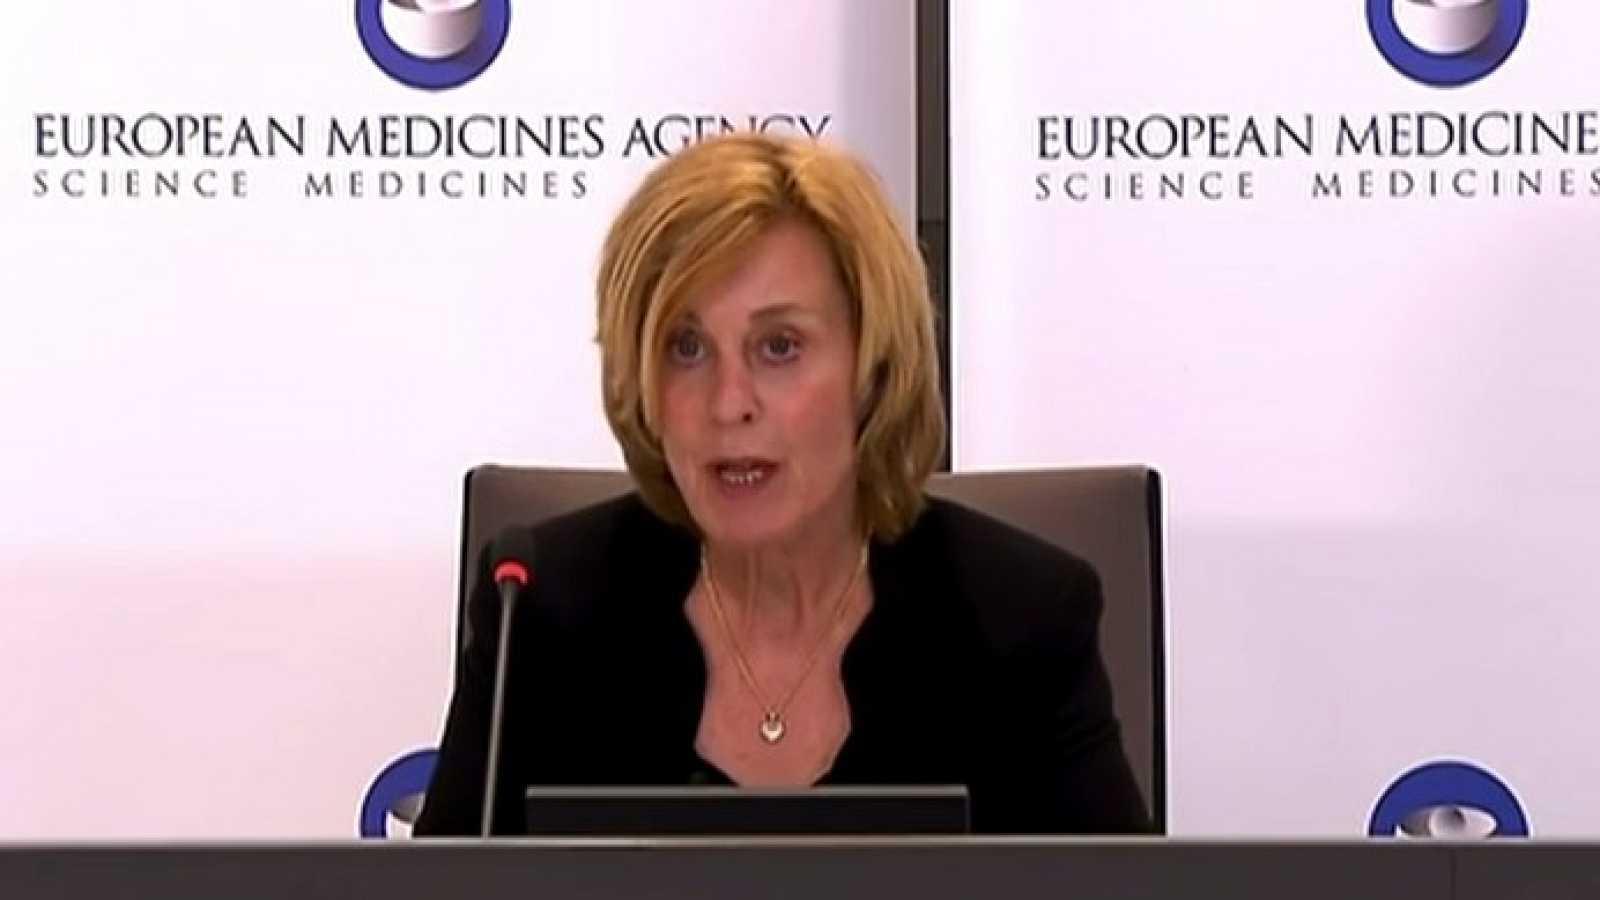 La EMA encuentra relación entre la vacuna de Janssen y casos de trombos raros pero avala su uso